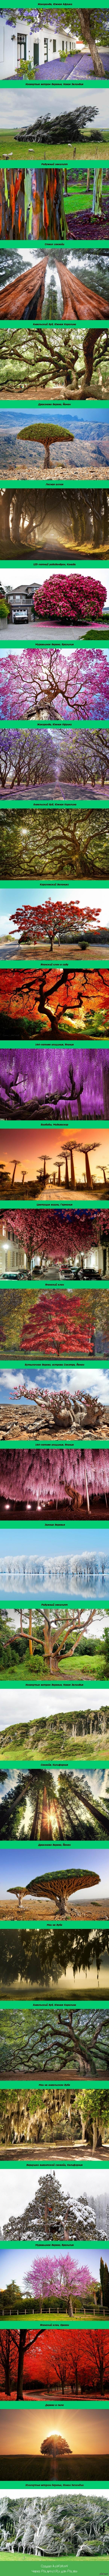 Подборка красивых и ярких деревьев со всего мира